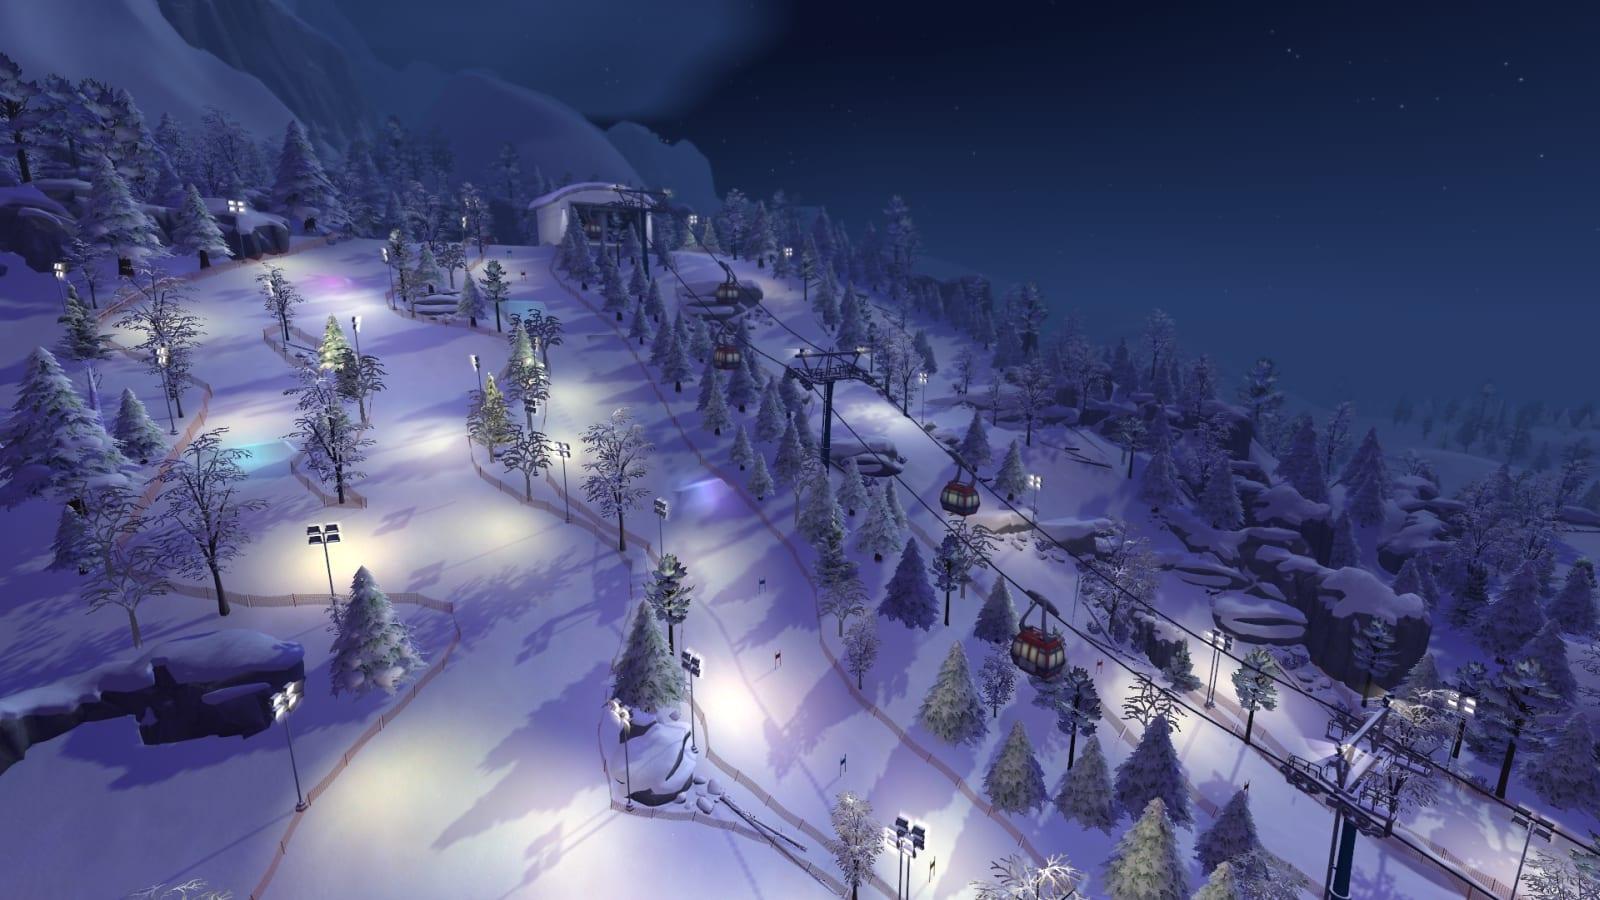 the sims 4 snowy escape photos wallpaper 73079